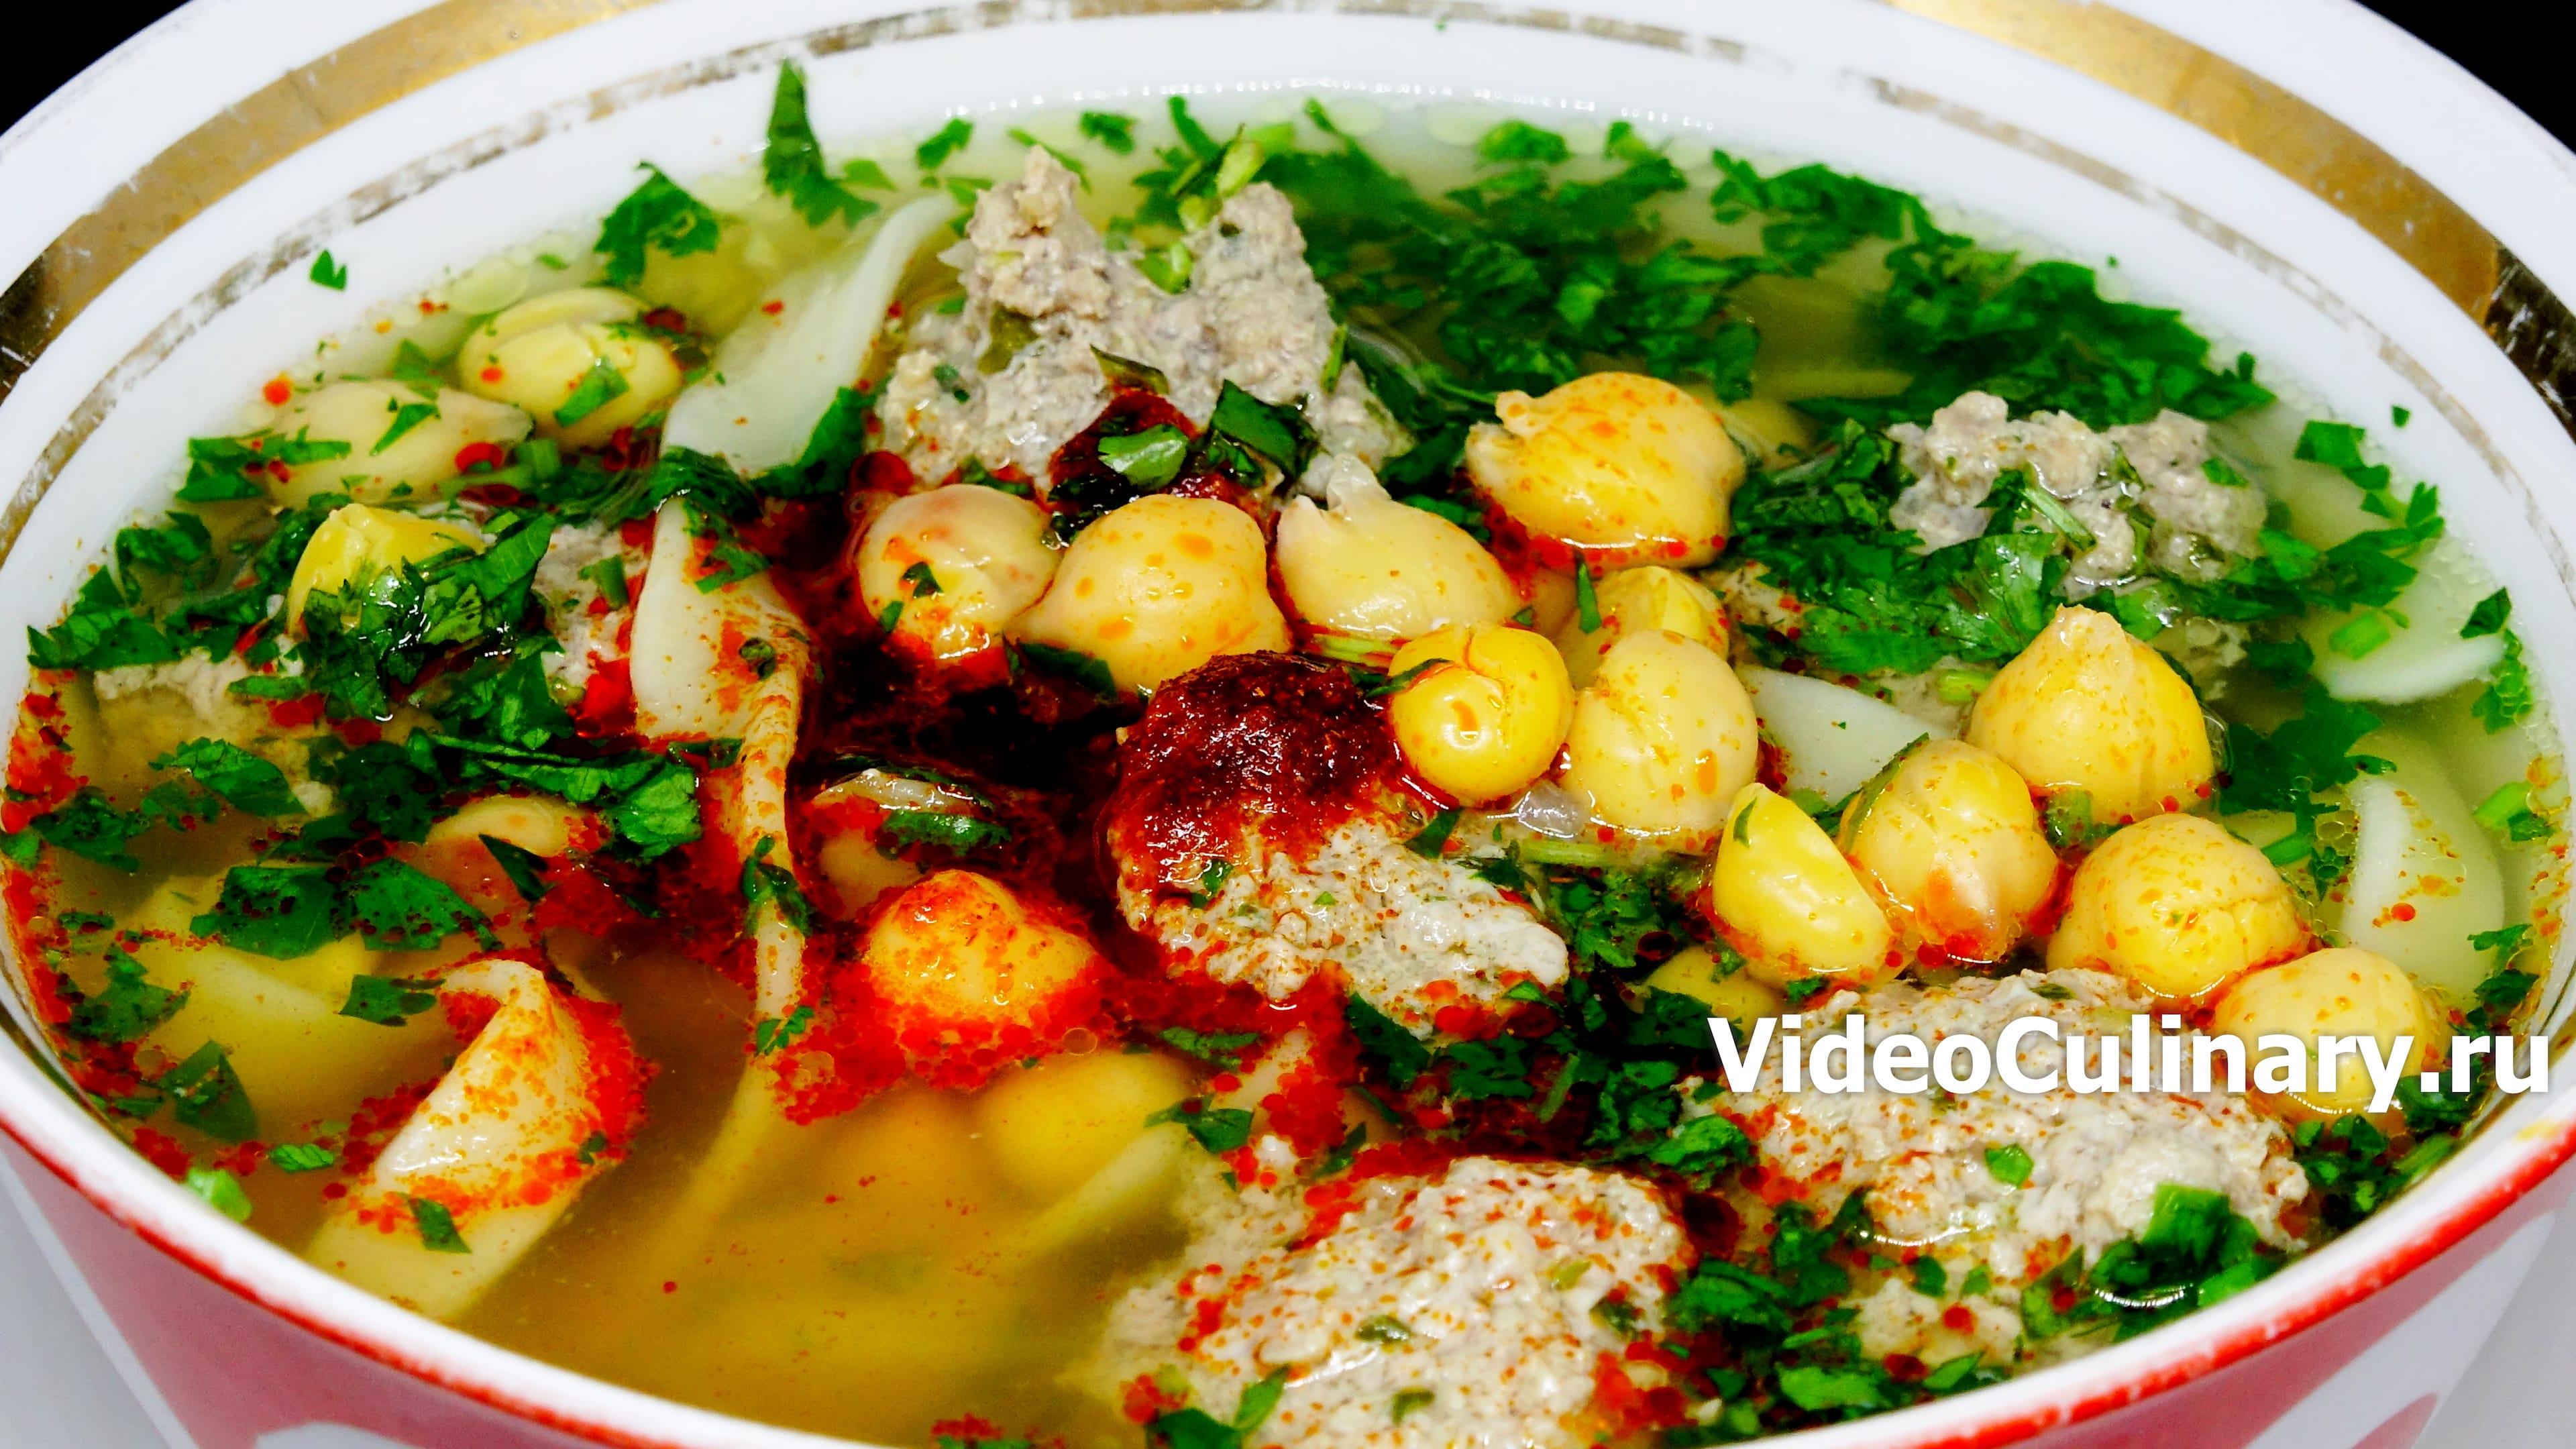 Гороховый суп с фрикадельками по-узбекски